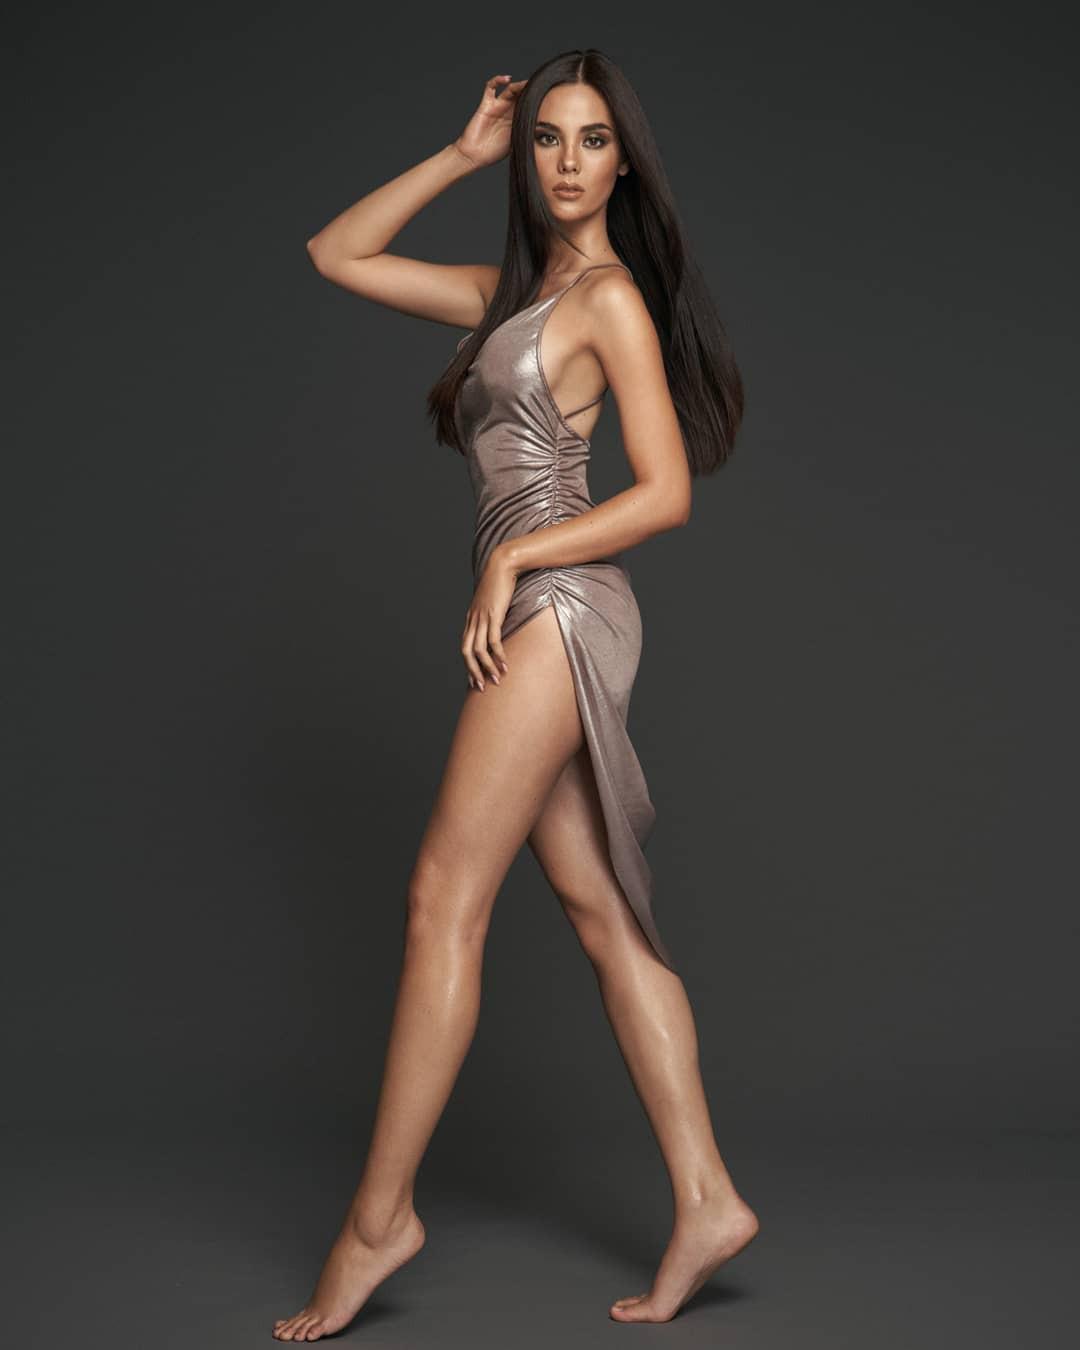 Nhan sắc lai đẹp rực rỡ của Tân Hoa hậu Hoàn vũ 2018 và loạt thành tích khủng trên hành trình đoạt vương miện thứ 3! - Ảnh 22.